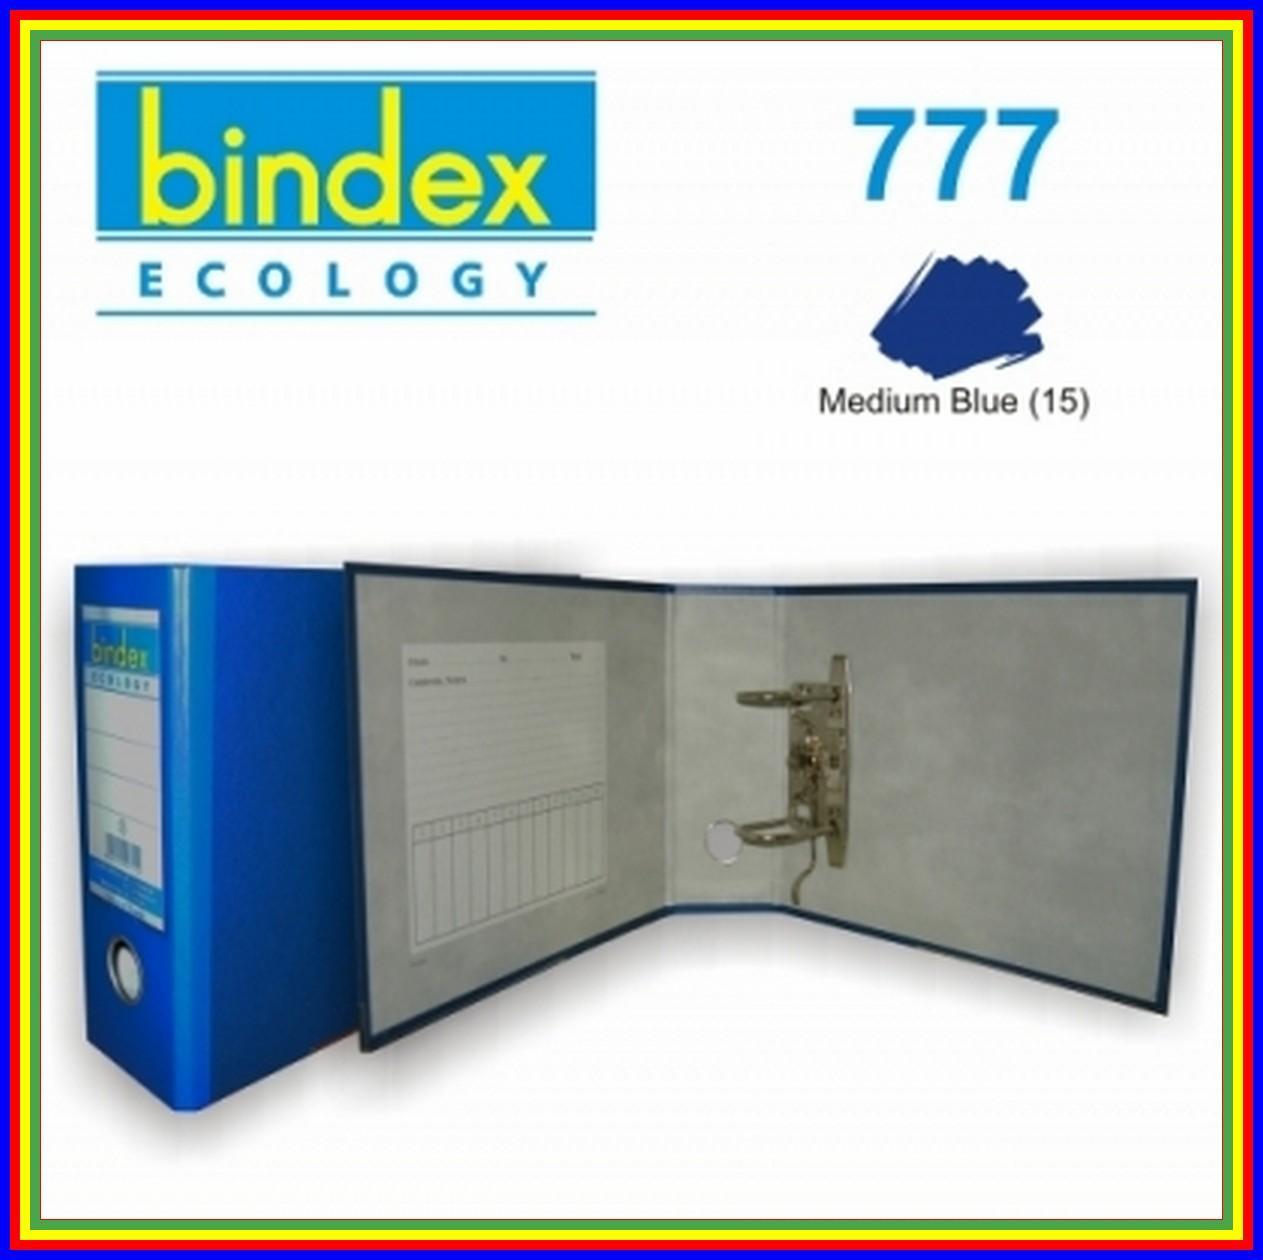 Ordner Bindex 777 Kwitansi 75 Mm Biru